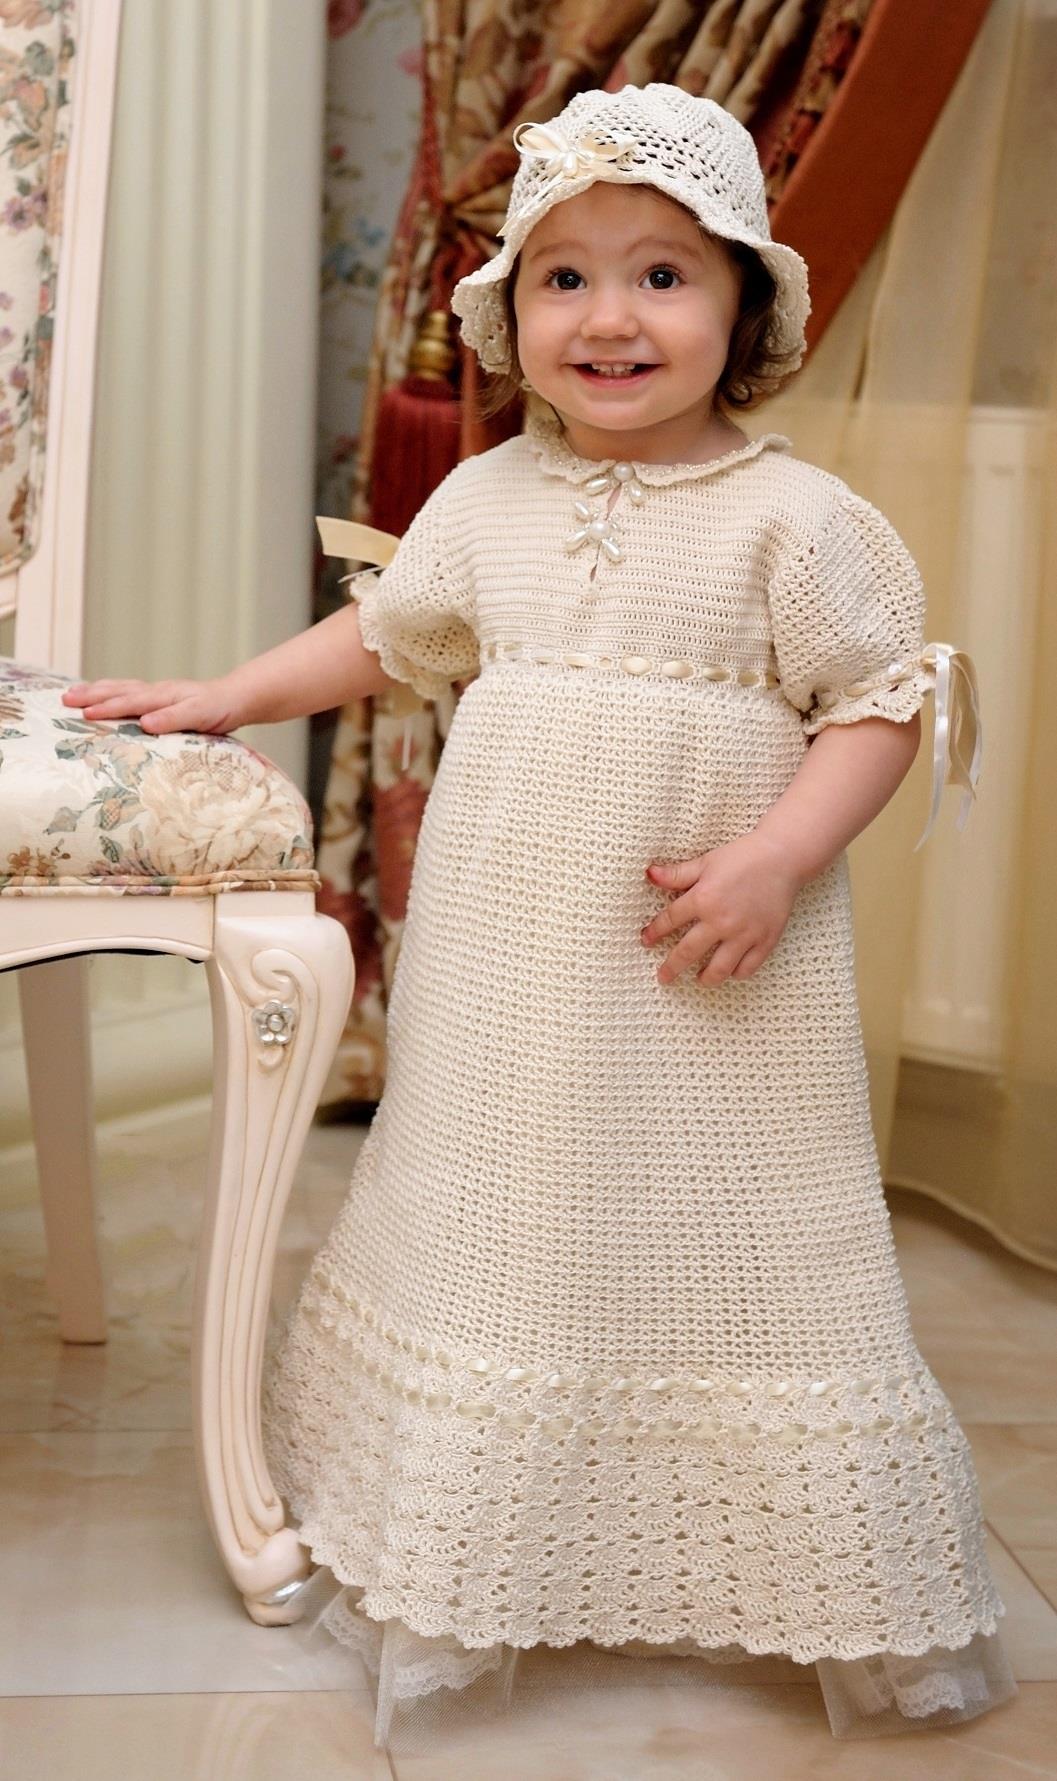 Dentelle Bebe – 100%  Handmade Christening Gowns